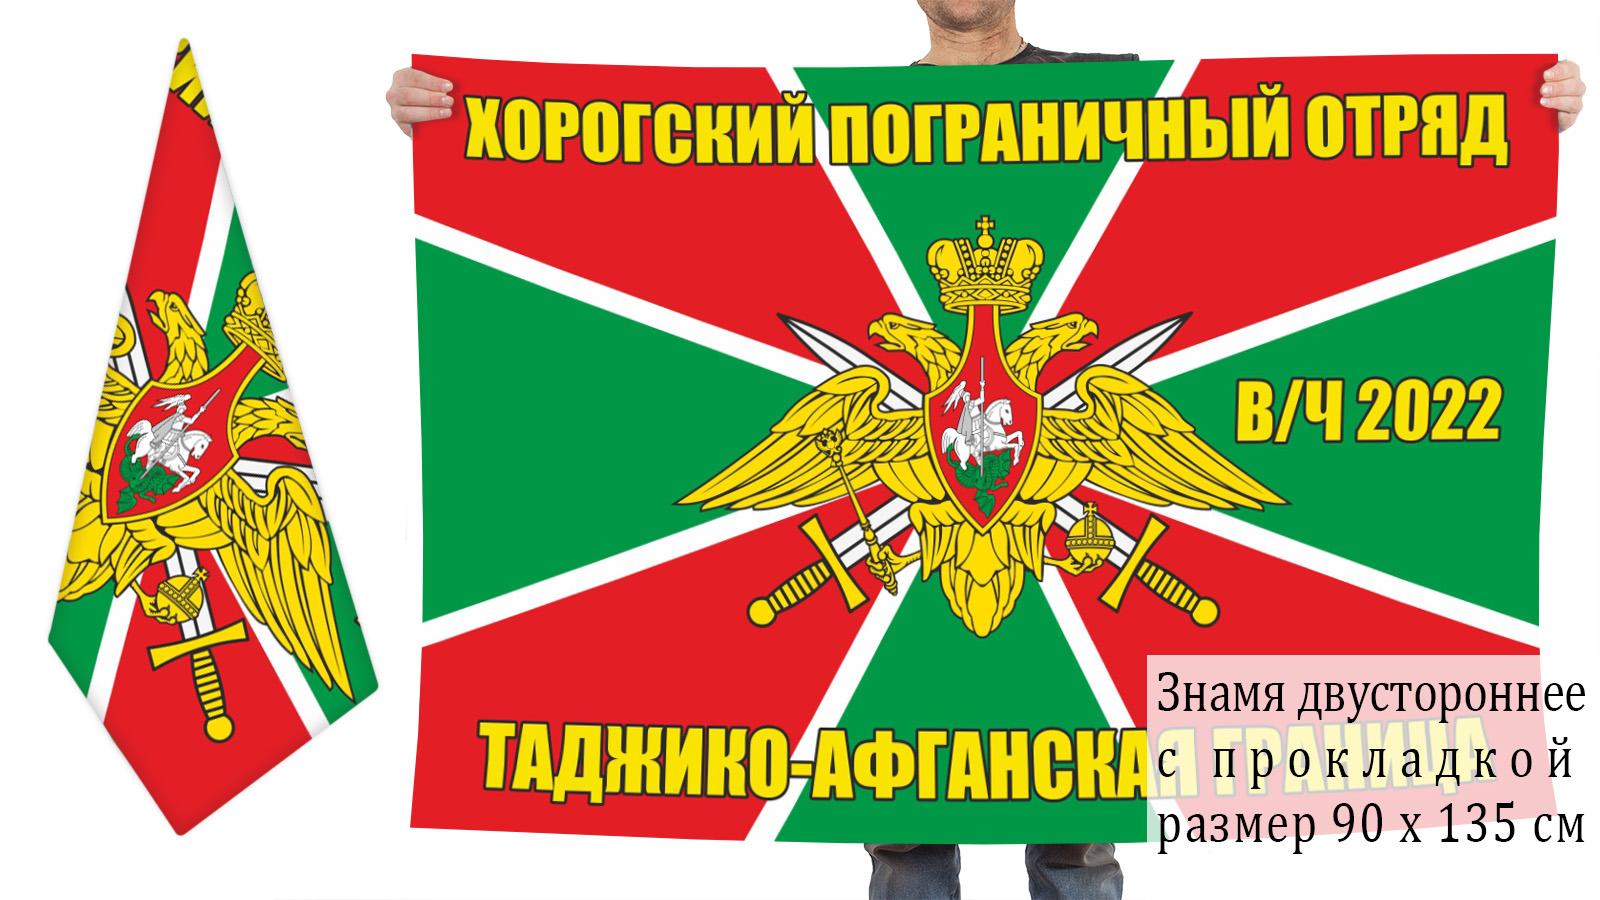 Двусторонний флаг Хорогского ПогО в/ч 2022